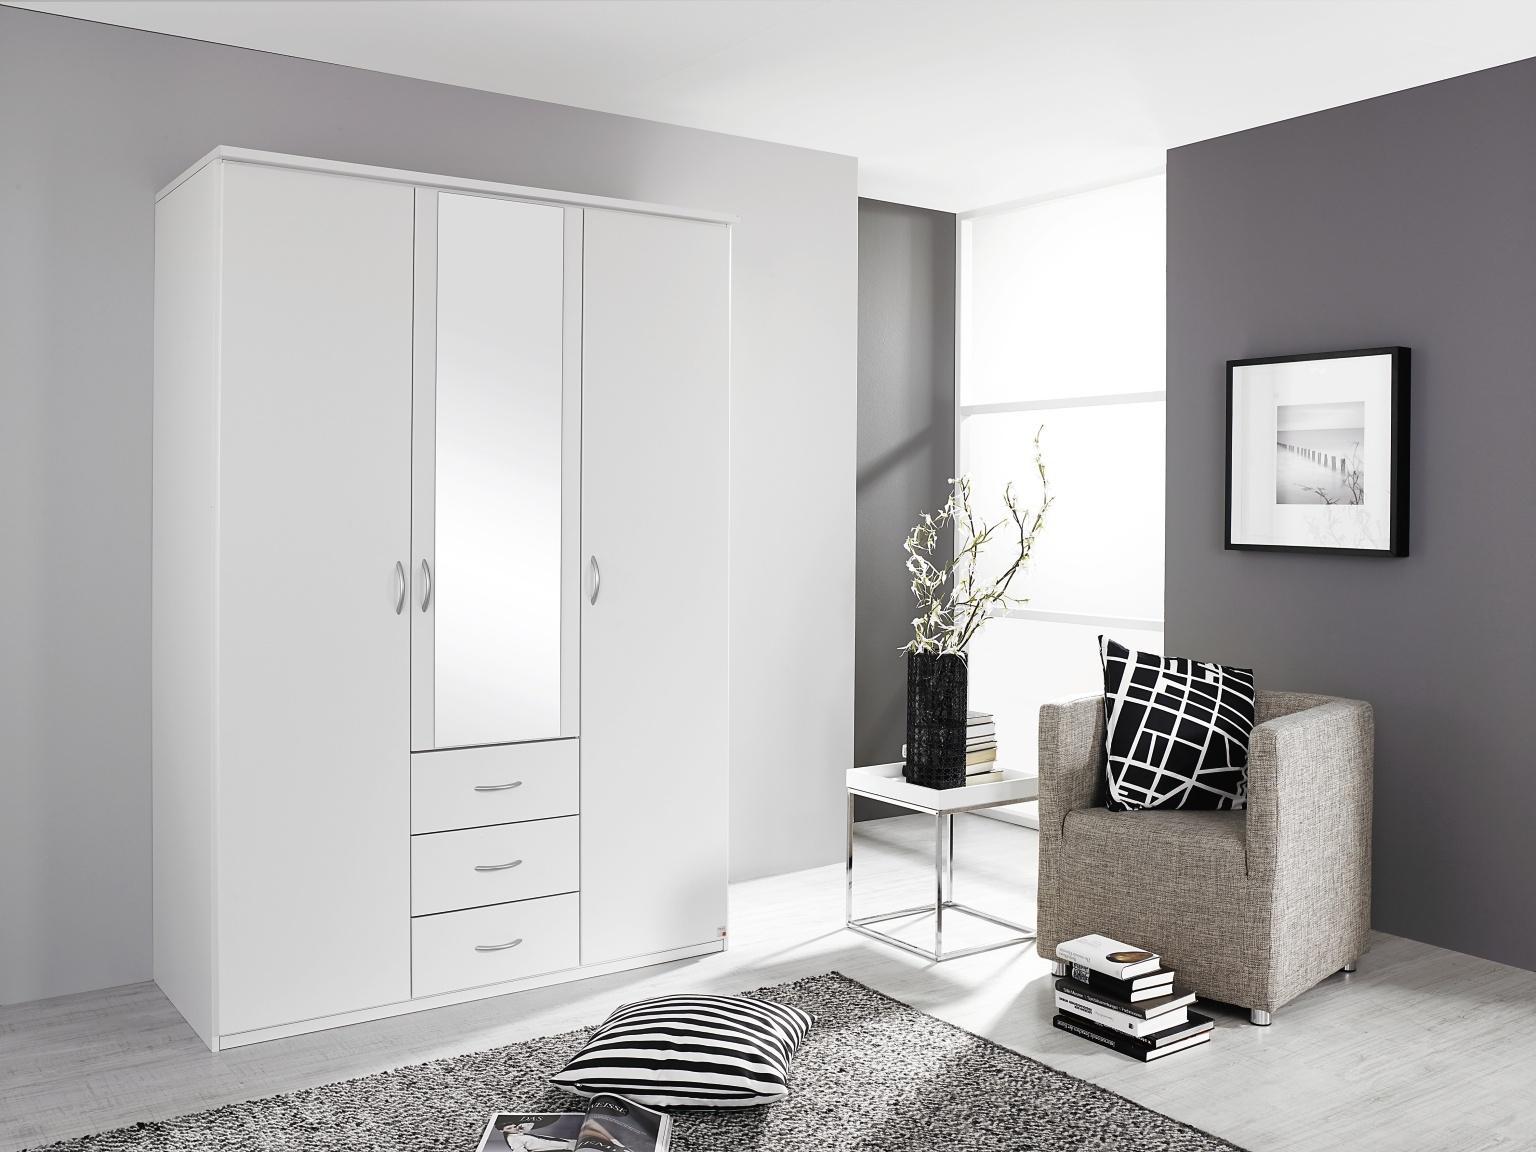 Rauch Blitz 4 Door Wardrobe in Alpine White